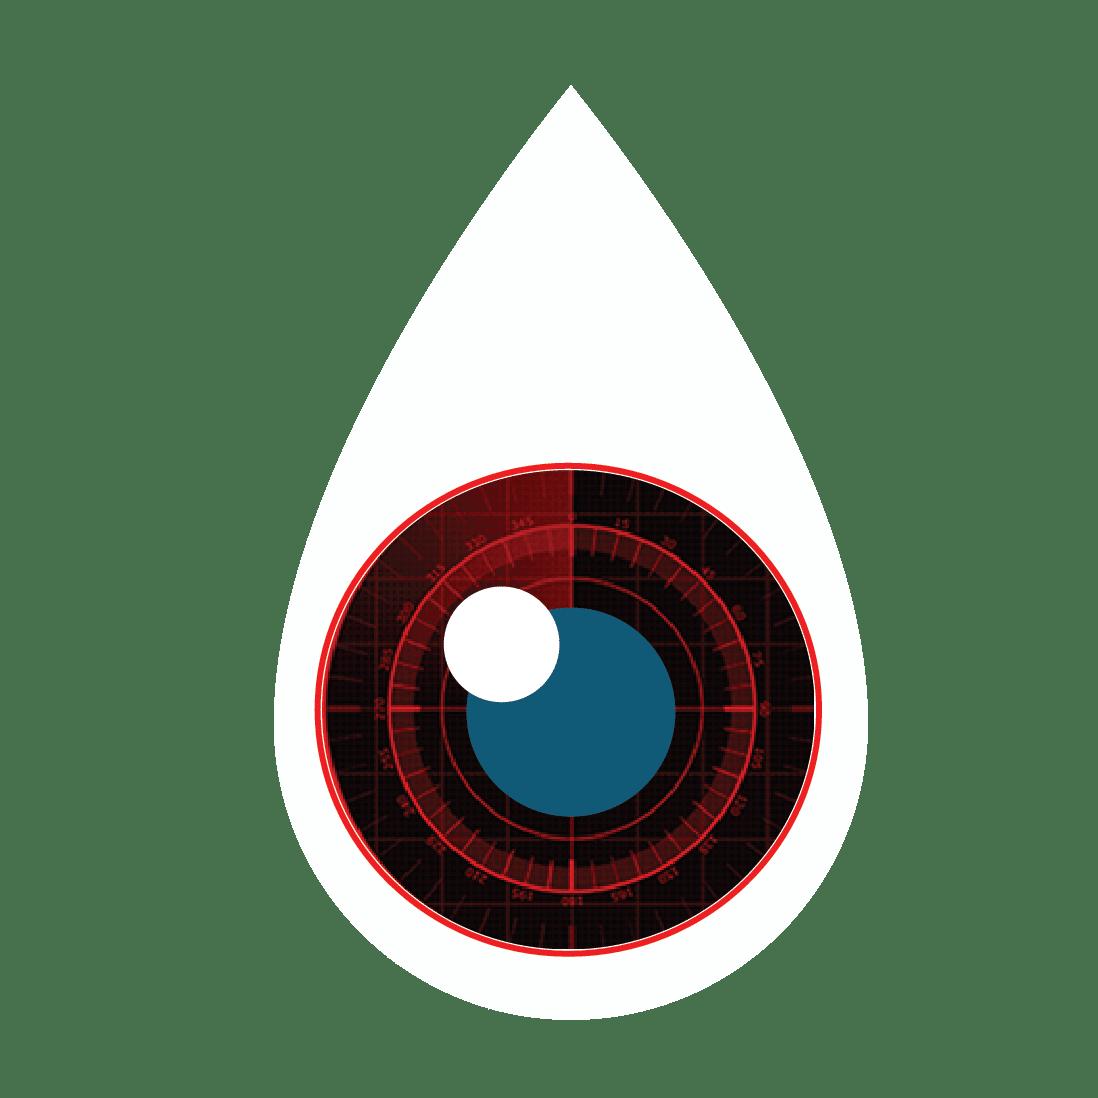 hylo parin cauze și simptome ale ochiului uscat